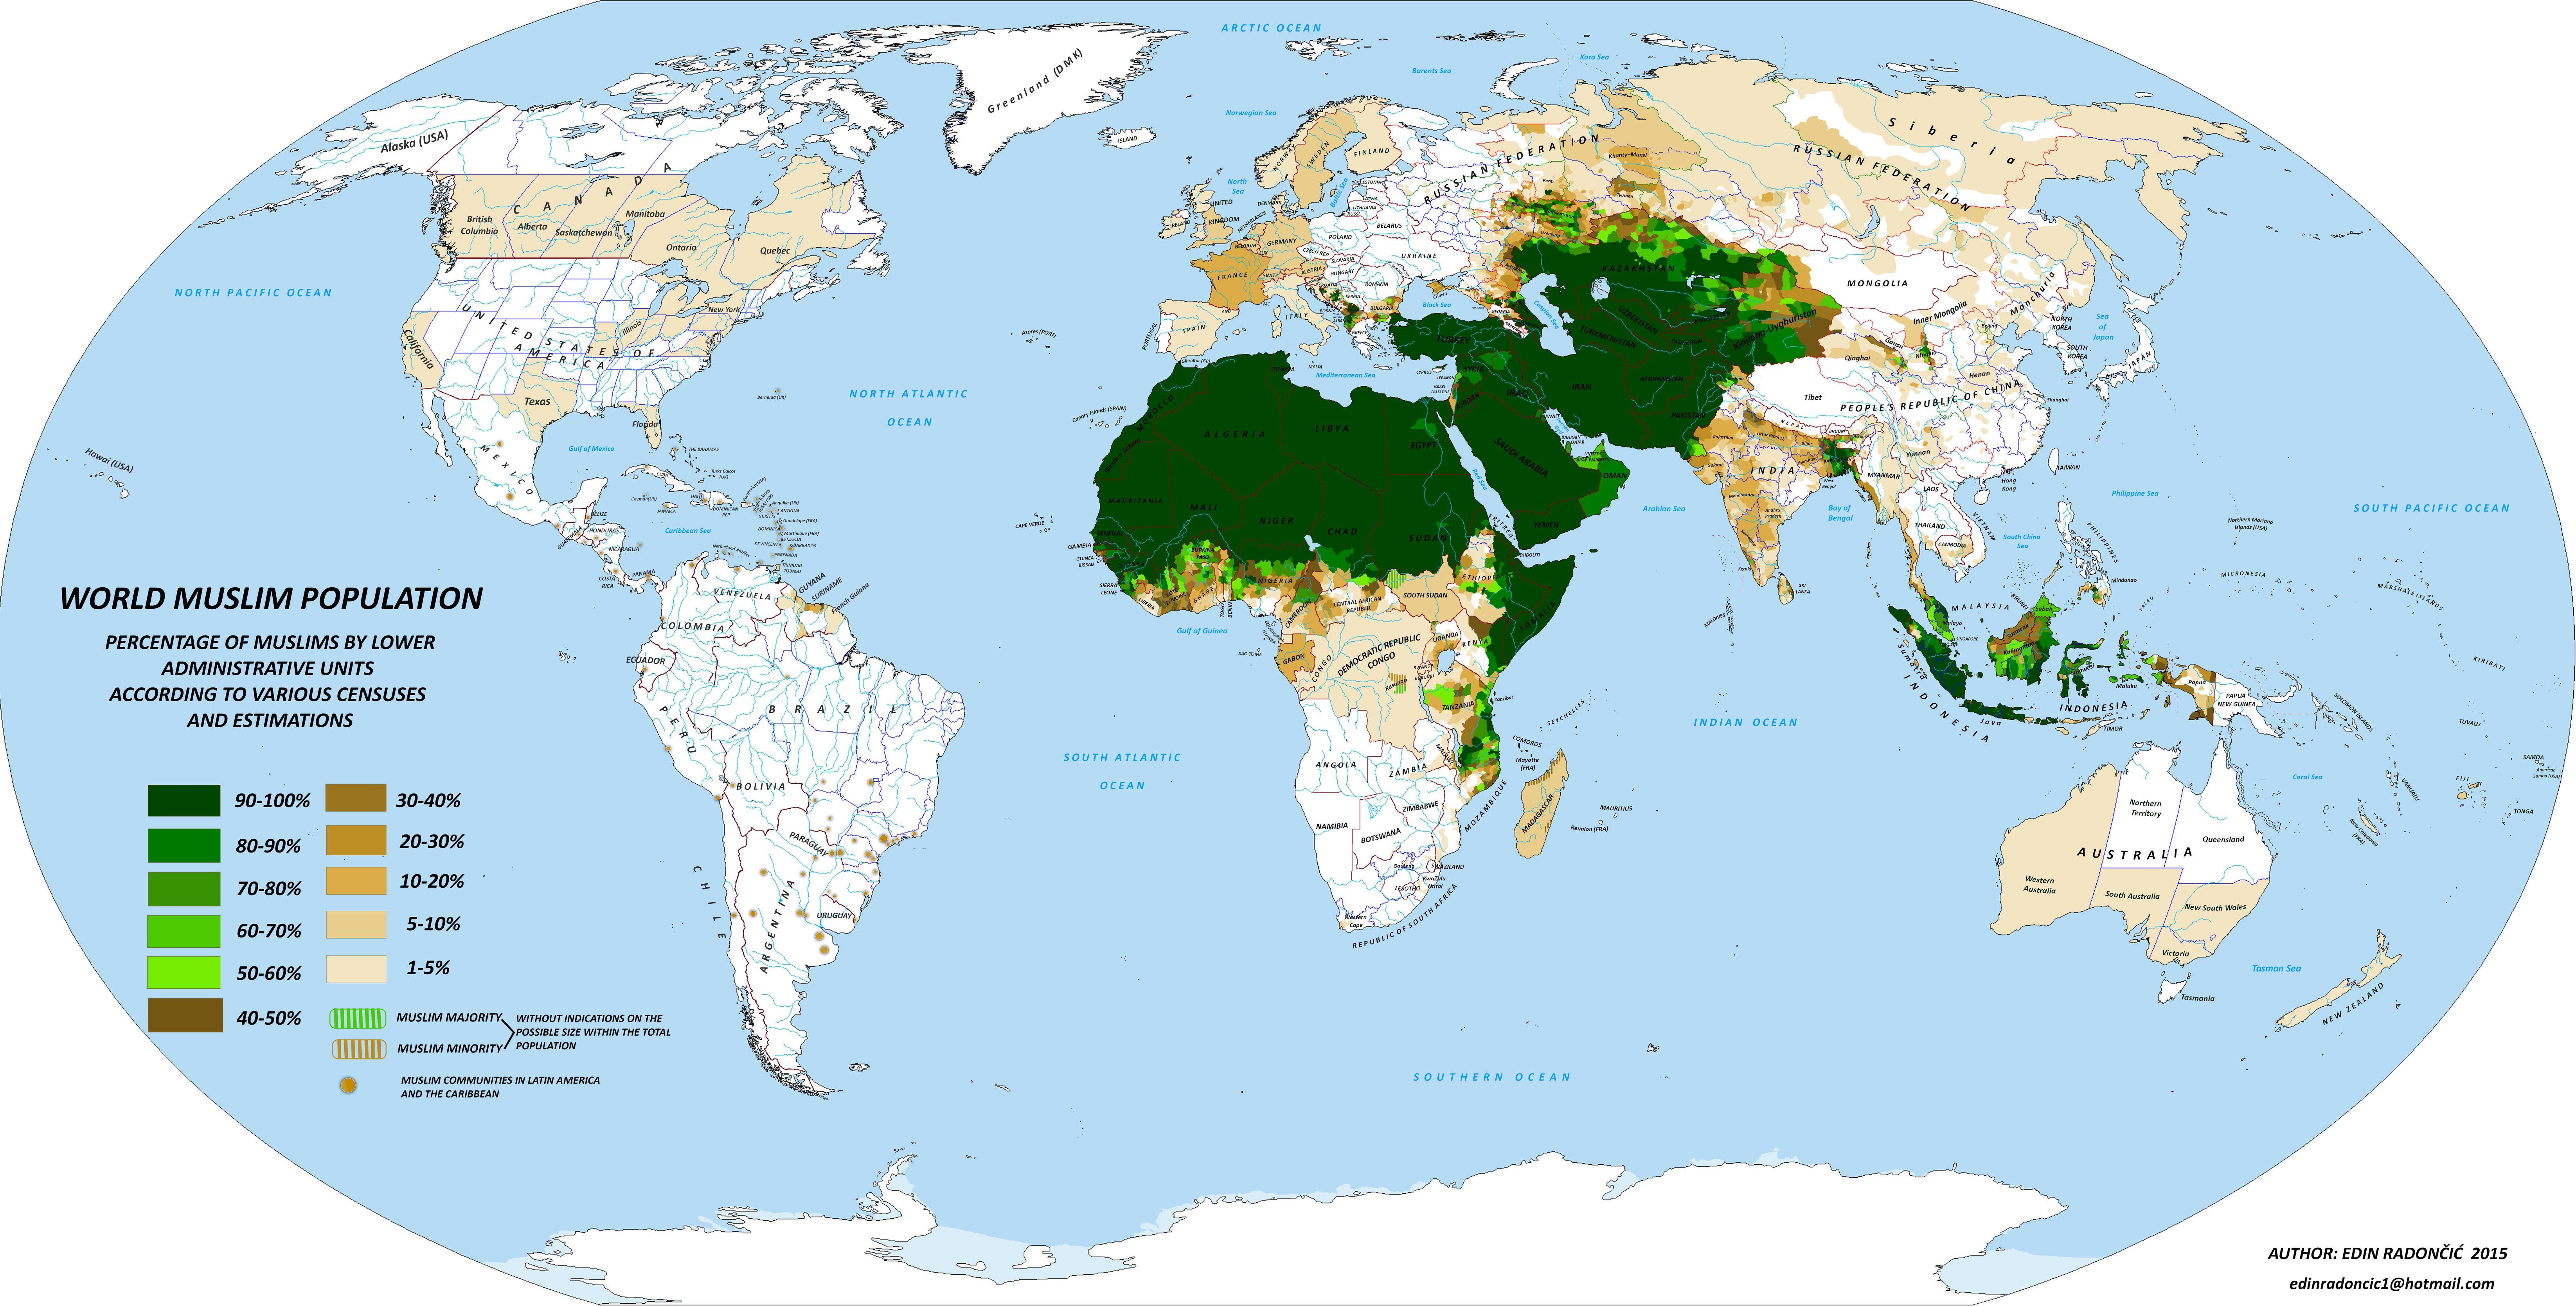 Religioni Nel Mondo Cartina.Islam Nel Mondo La Mappa Dettagliata Di Dove E Piu Diffuso